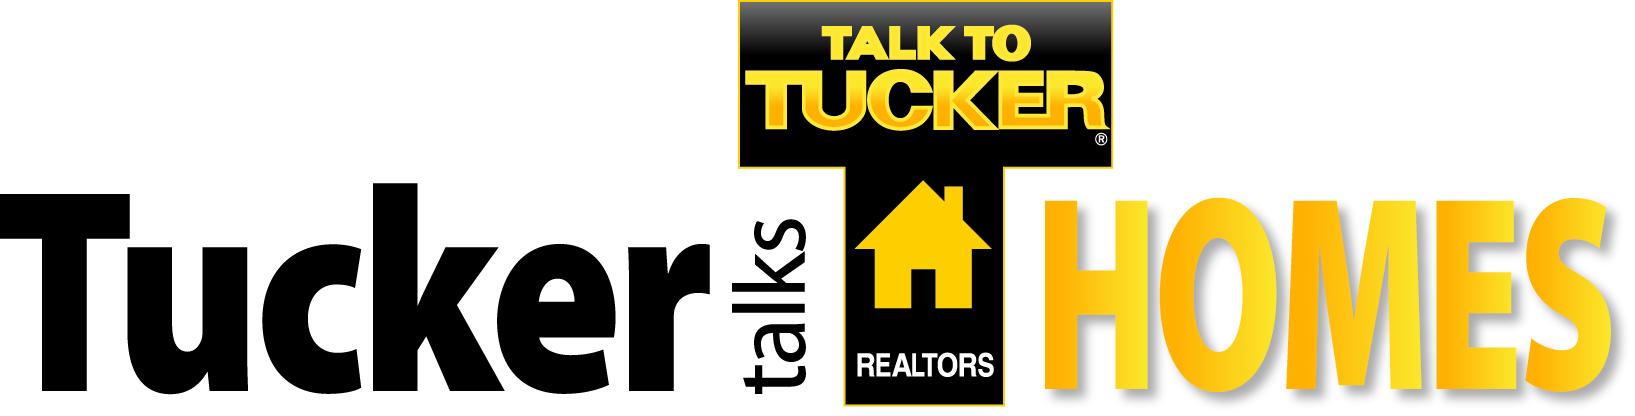 Tucker Talks Homes July 25-26, 2015